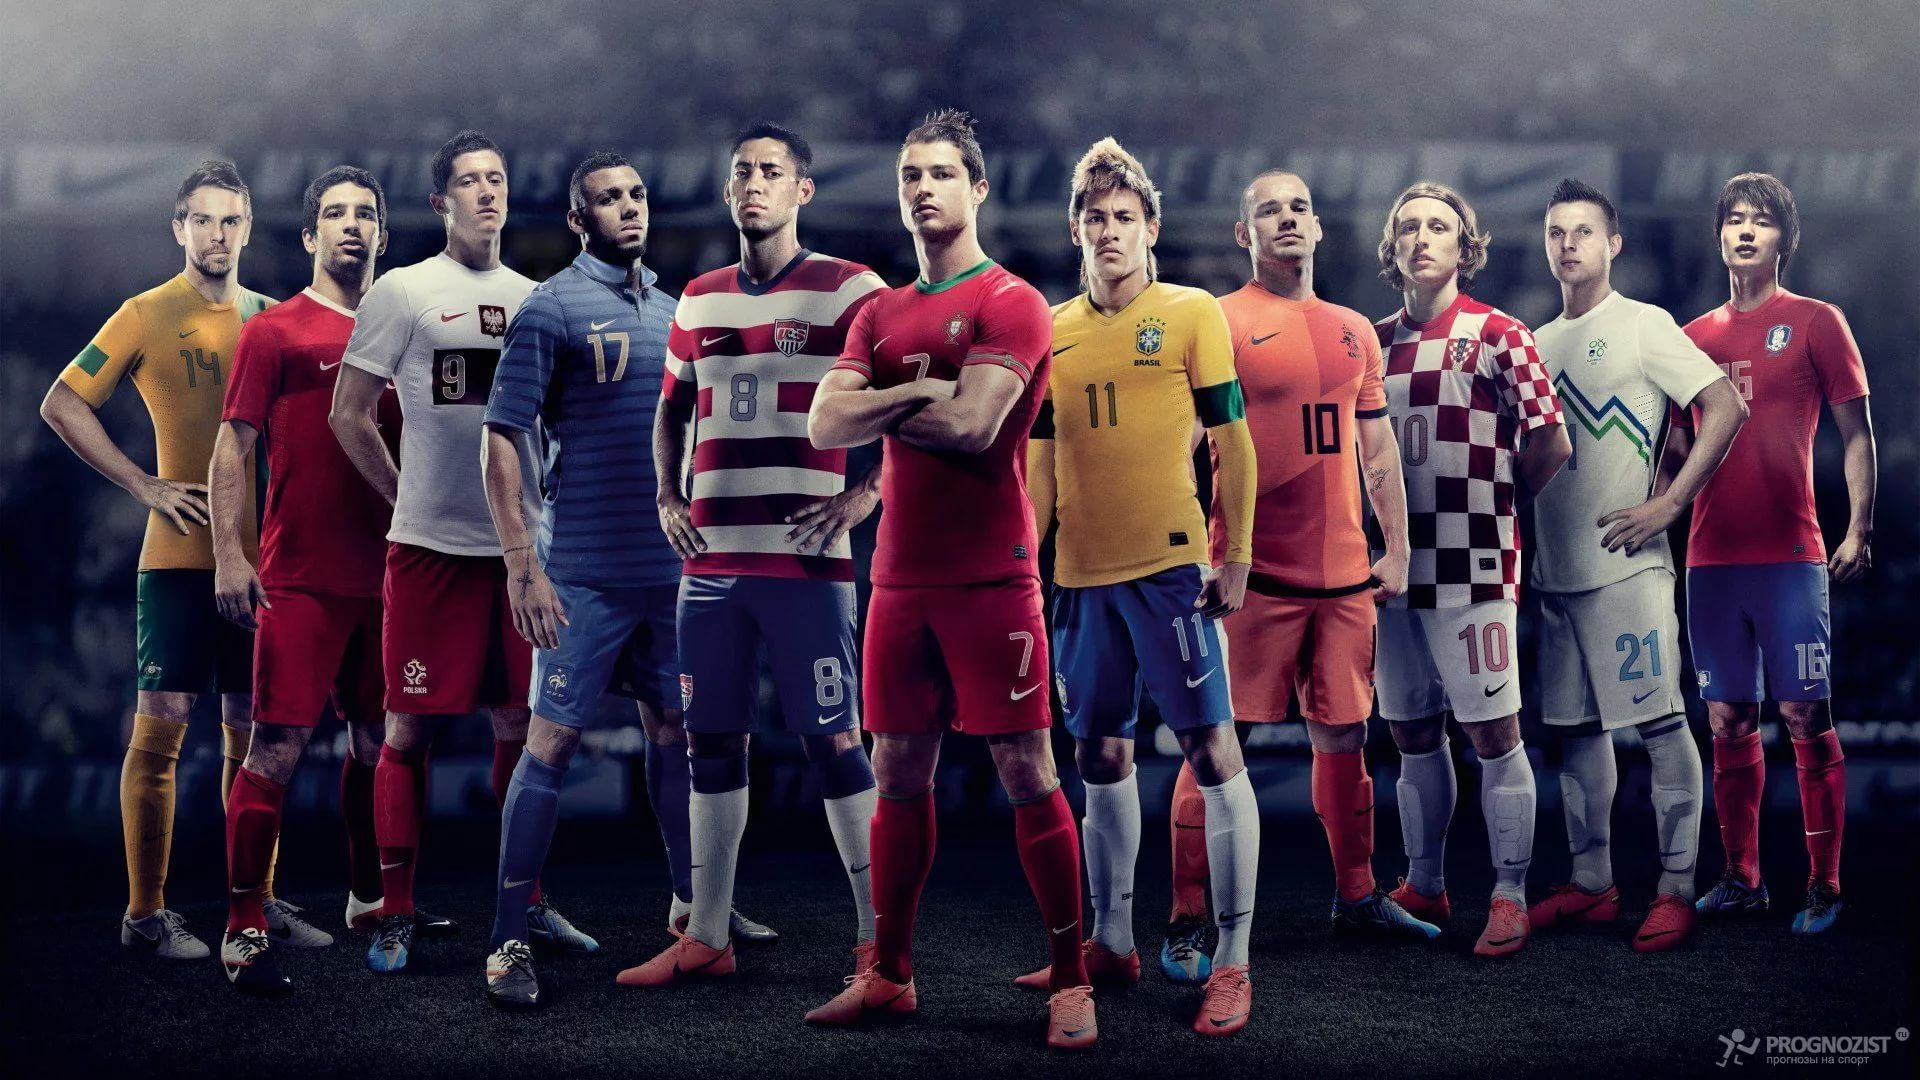 Soccer Player full hd 1080p wallpaper